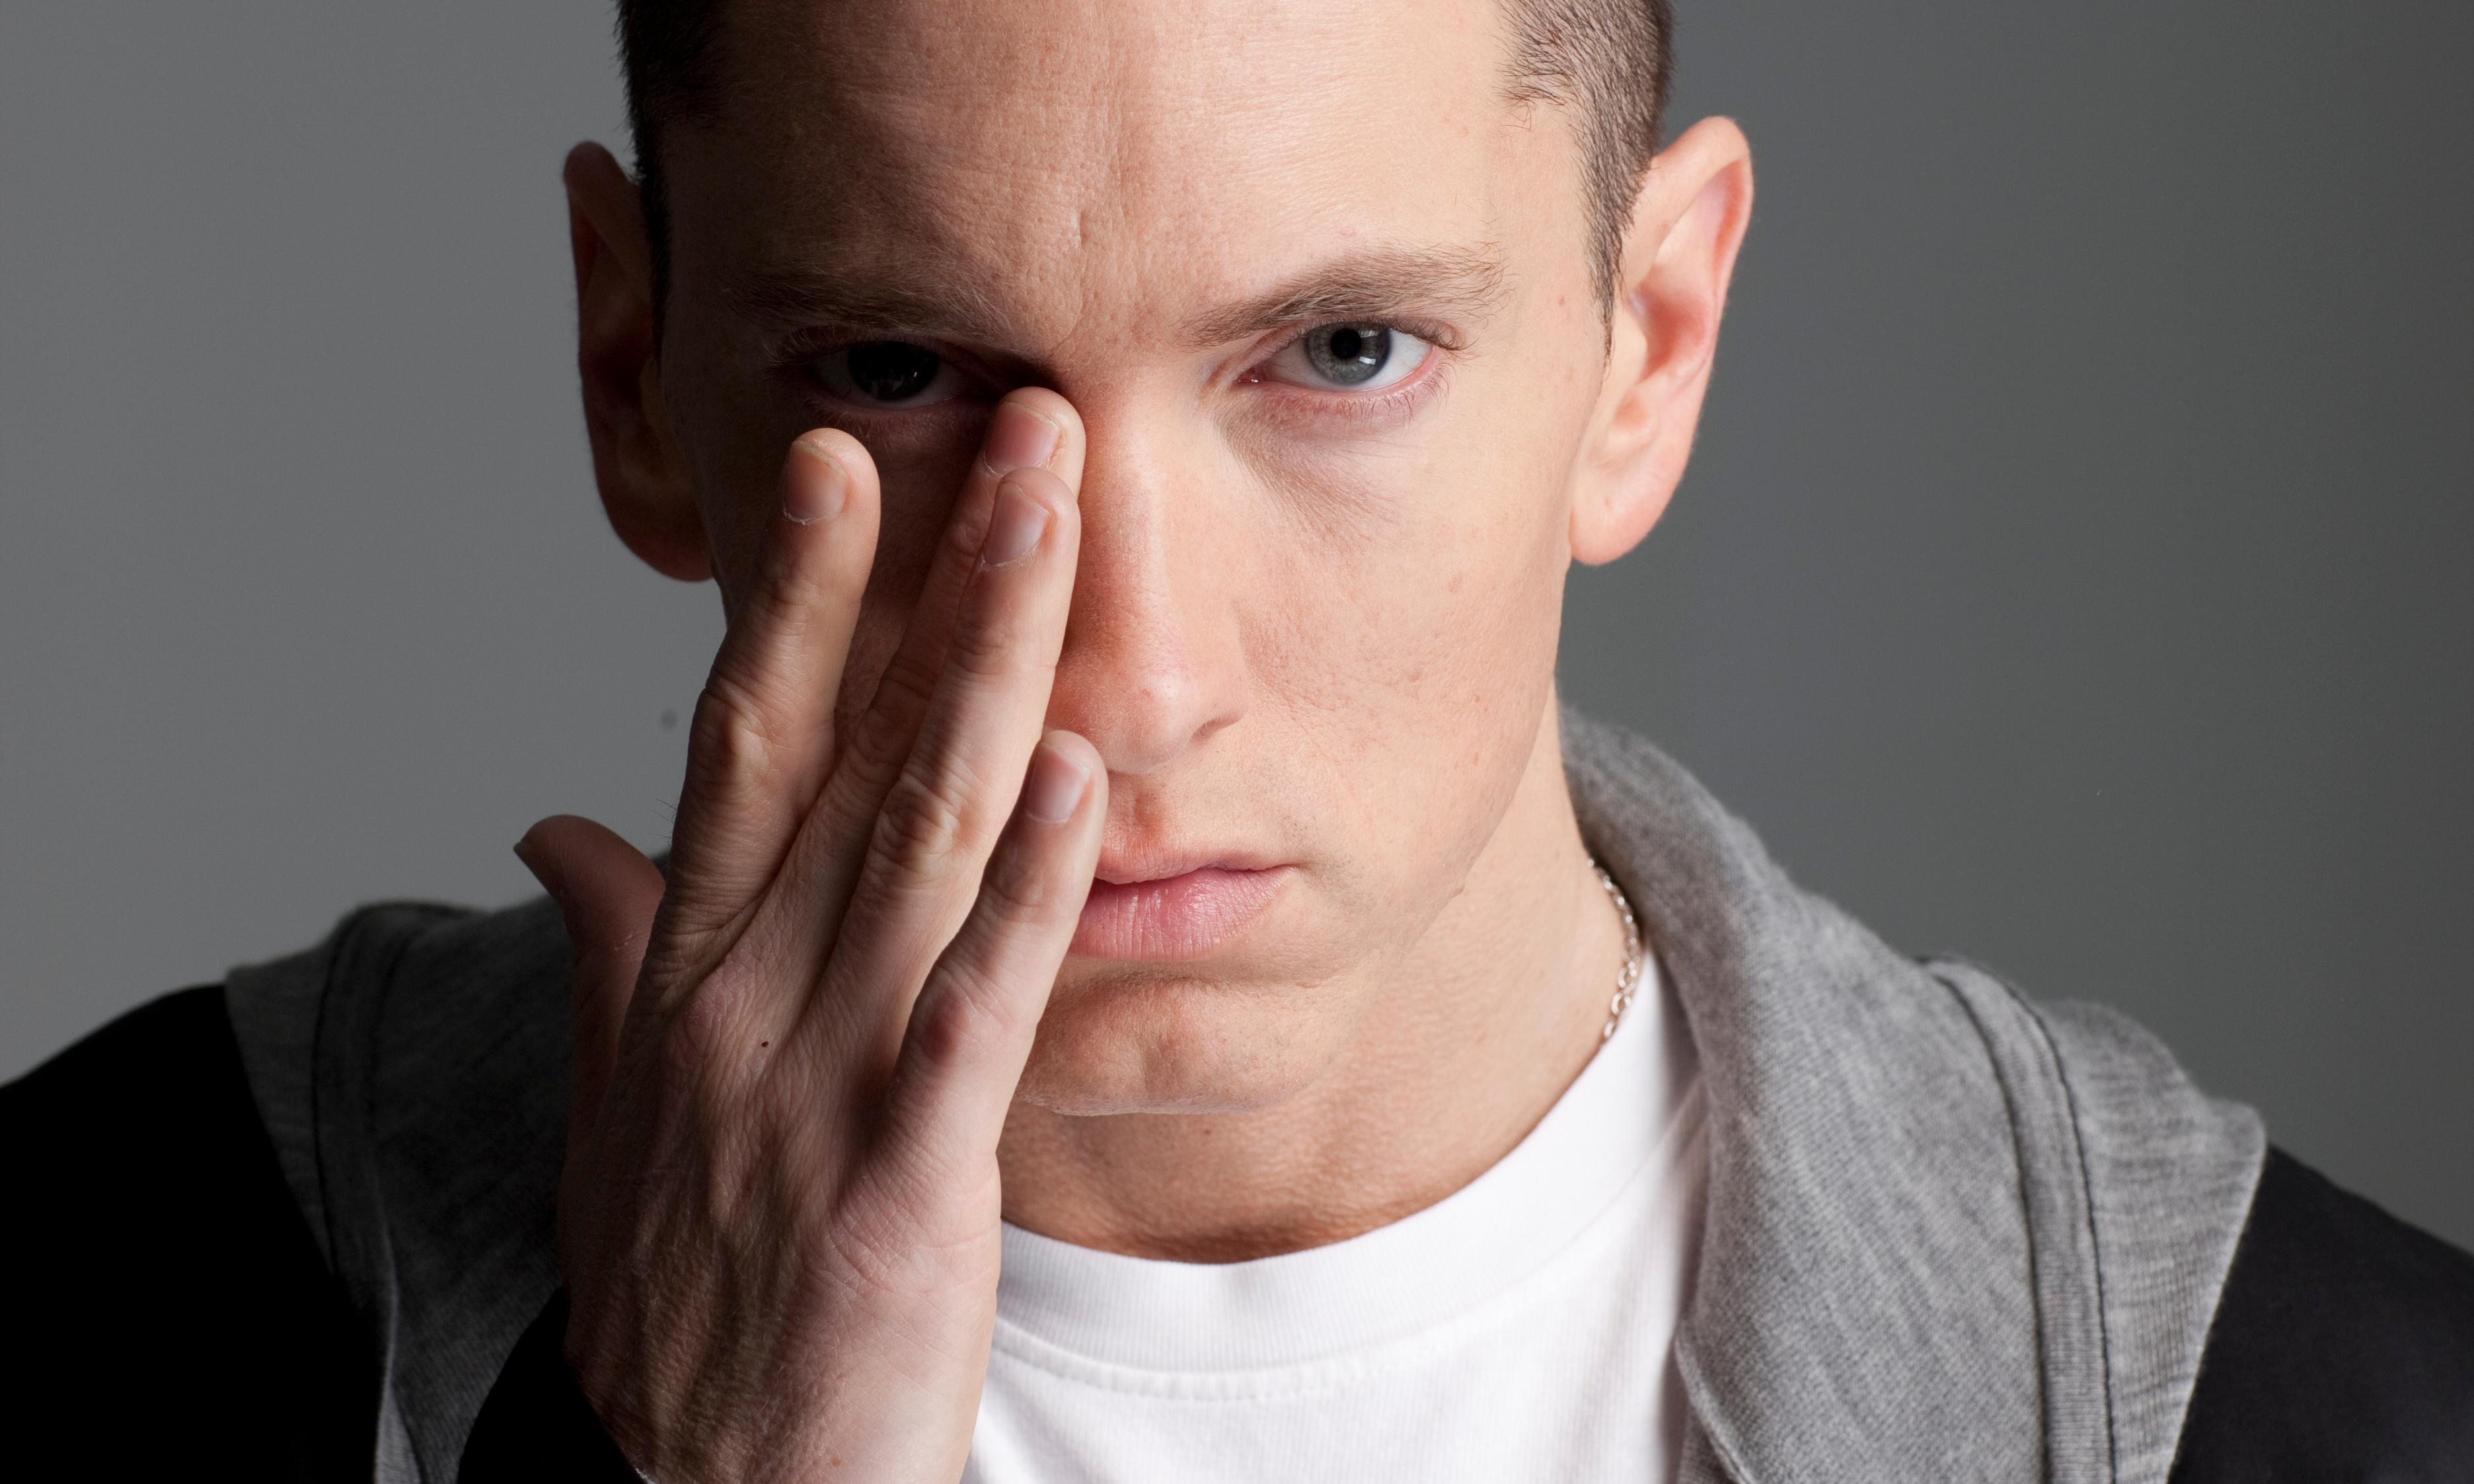 Eminem was interviewed by Secret Service about 'threatening' Trump lyrics